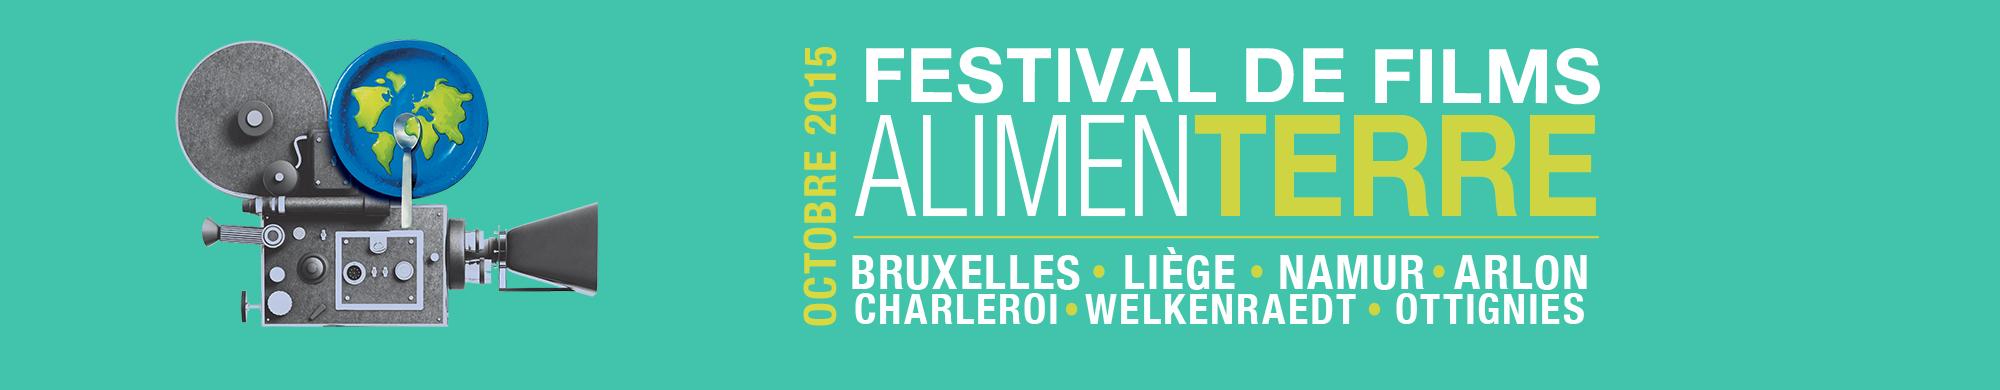 Le Festival AlimenTERRE de retour, à Bruxelles et dans 6 villes wallonnes !